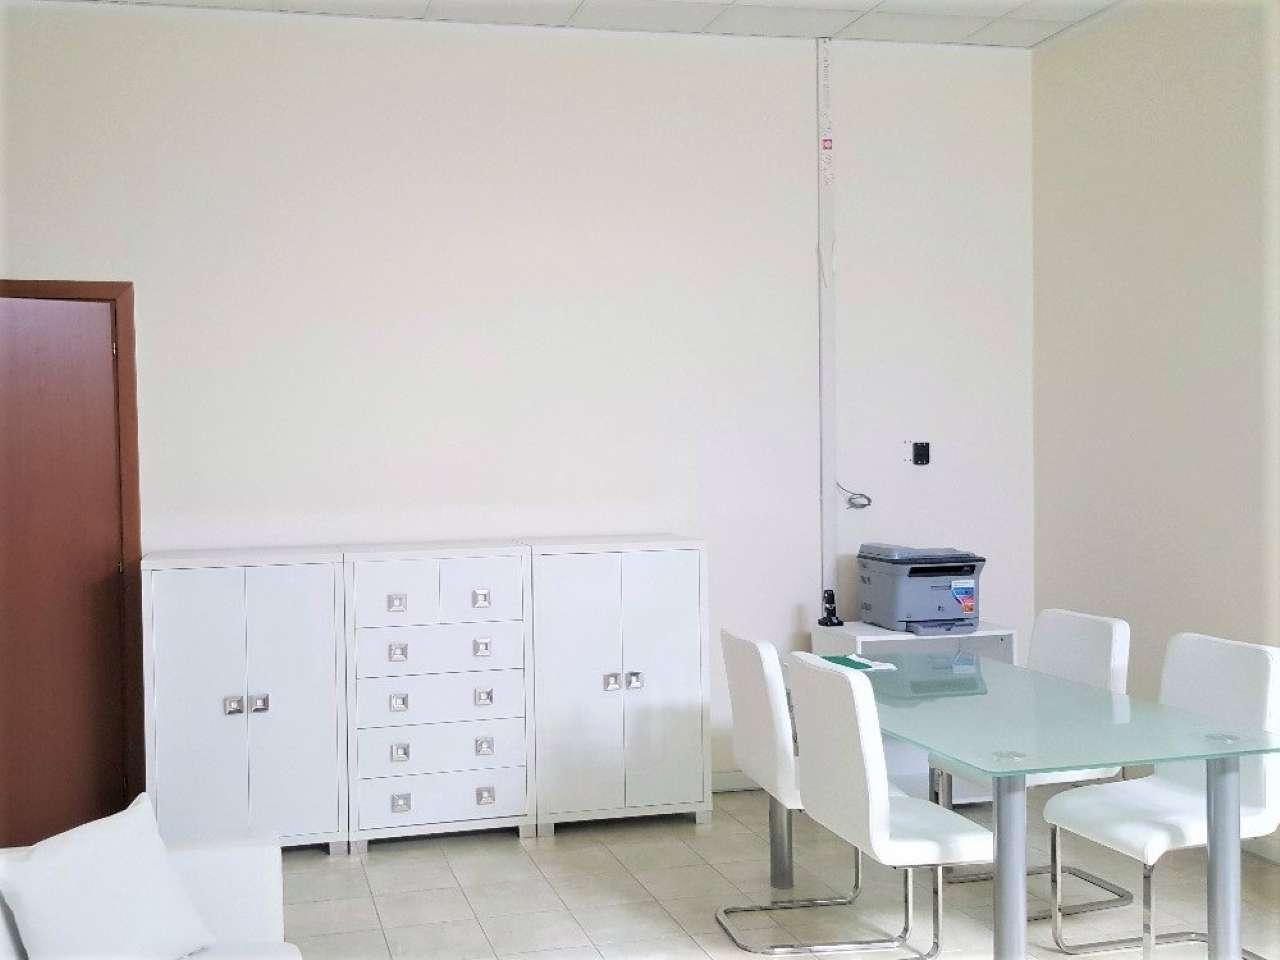 Ufficio / Studio in vendita a Monterotondo, 1 locali, prezzo € 54.040 | CambioCasa.it